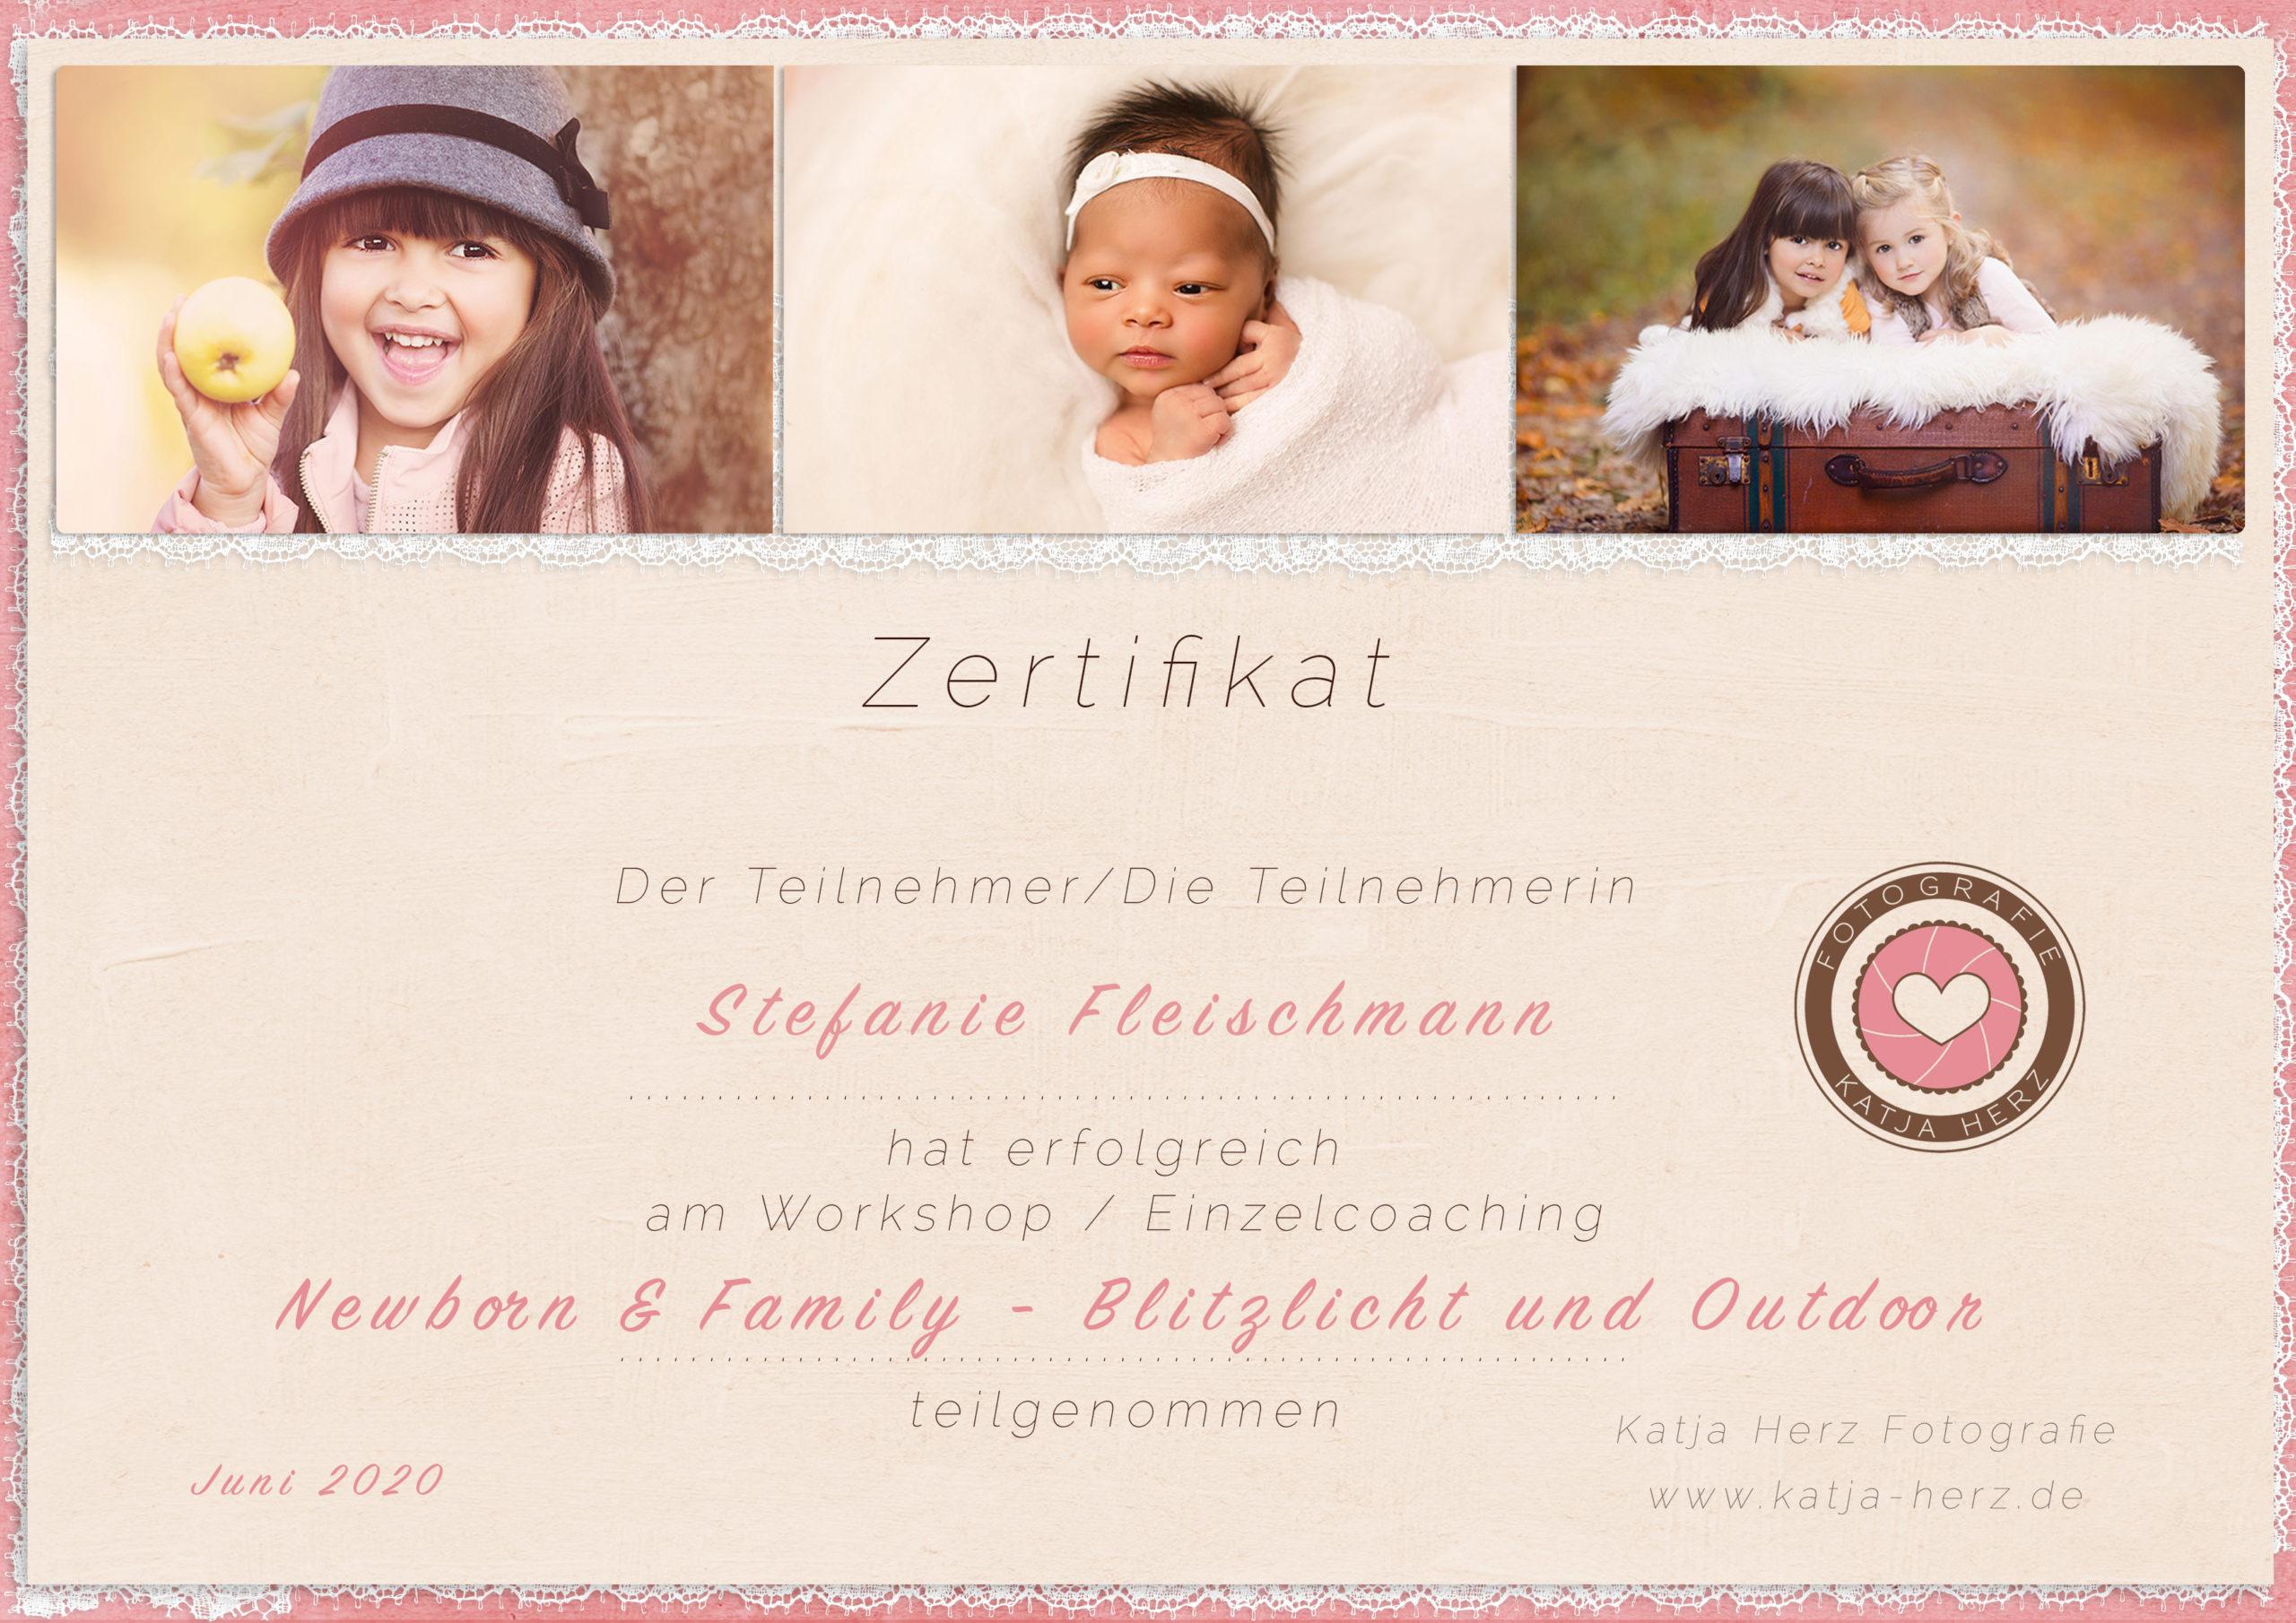 Augenblicke Stefanie Fleischmann Fotografie Newborn Workshop Zertifikat